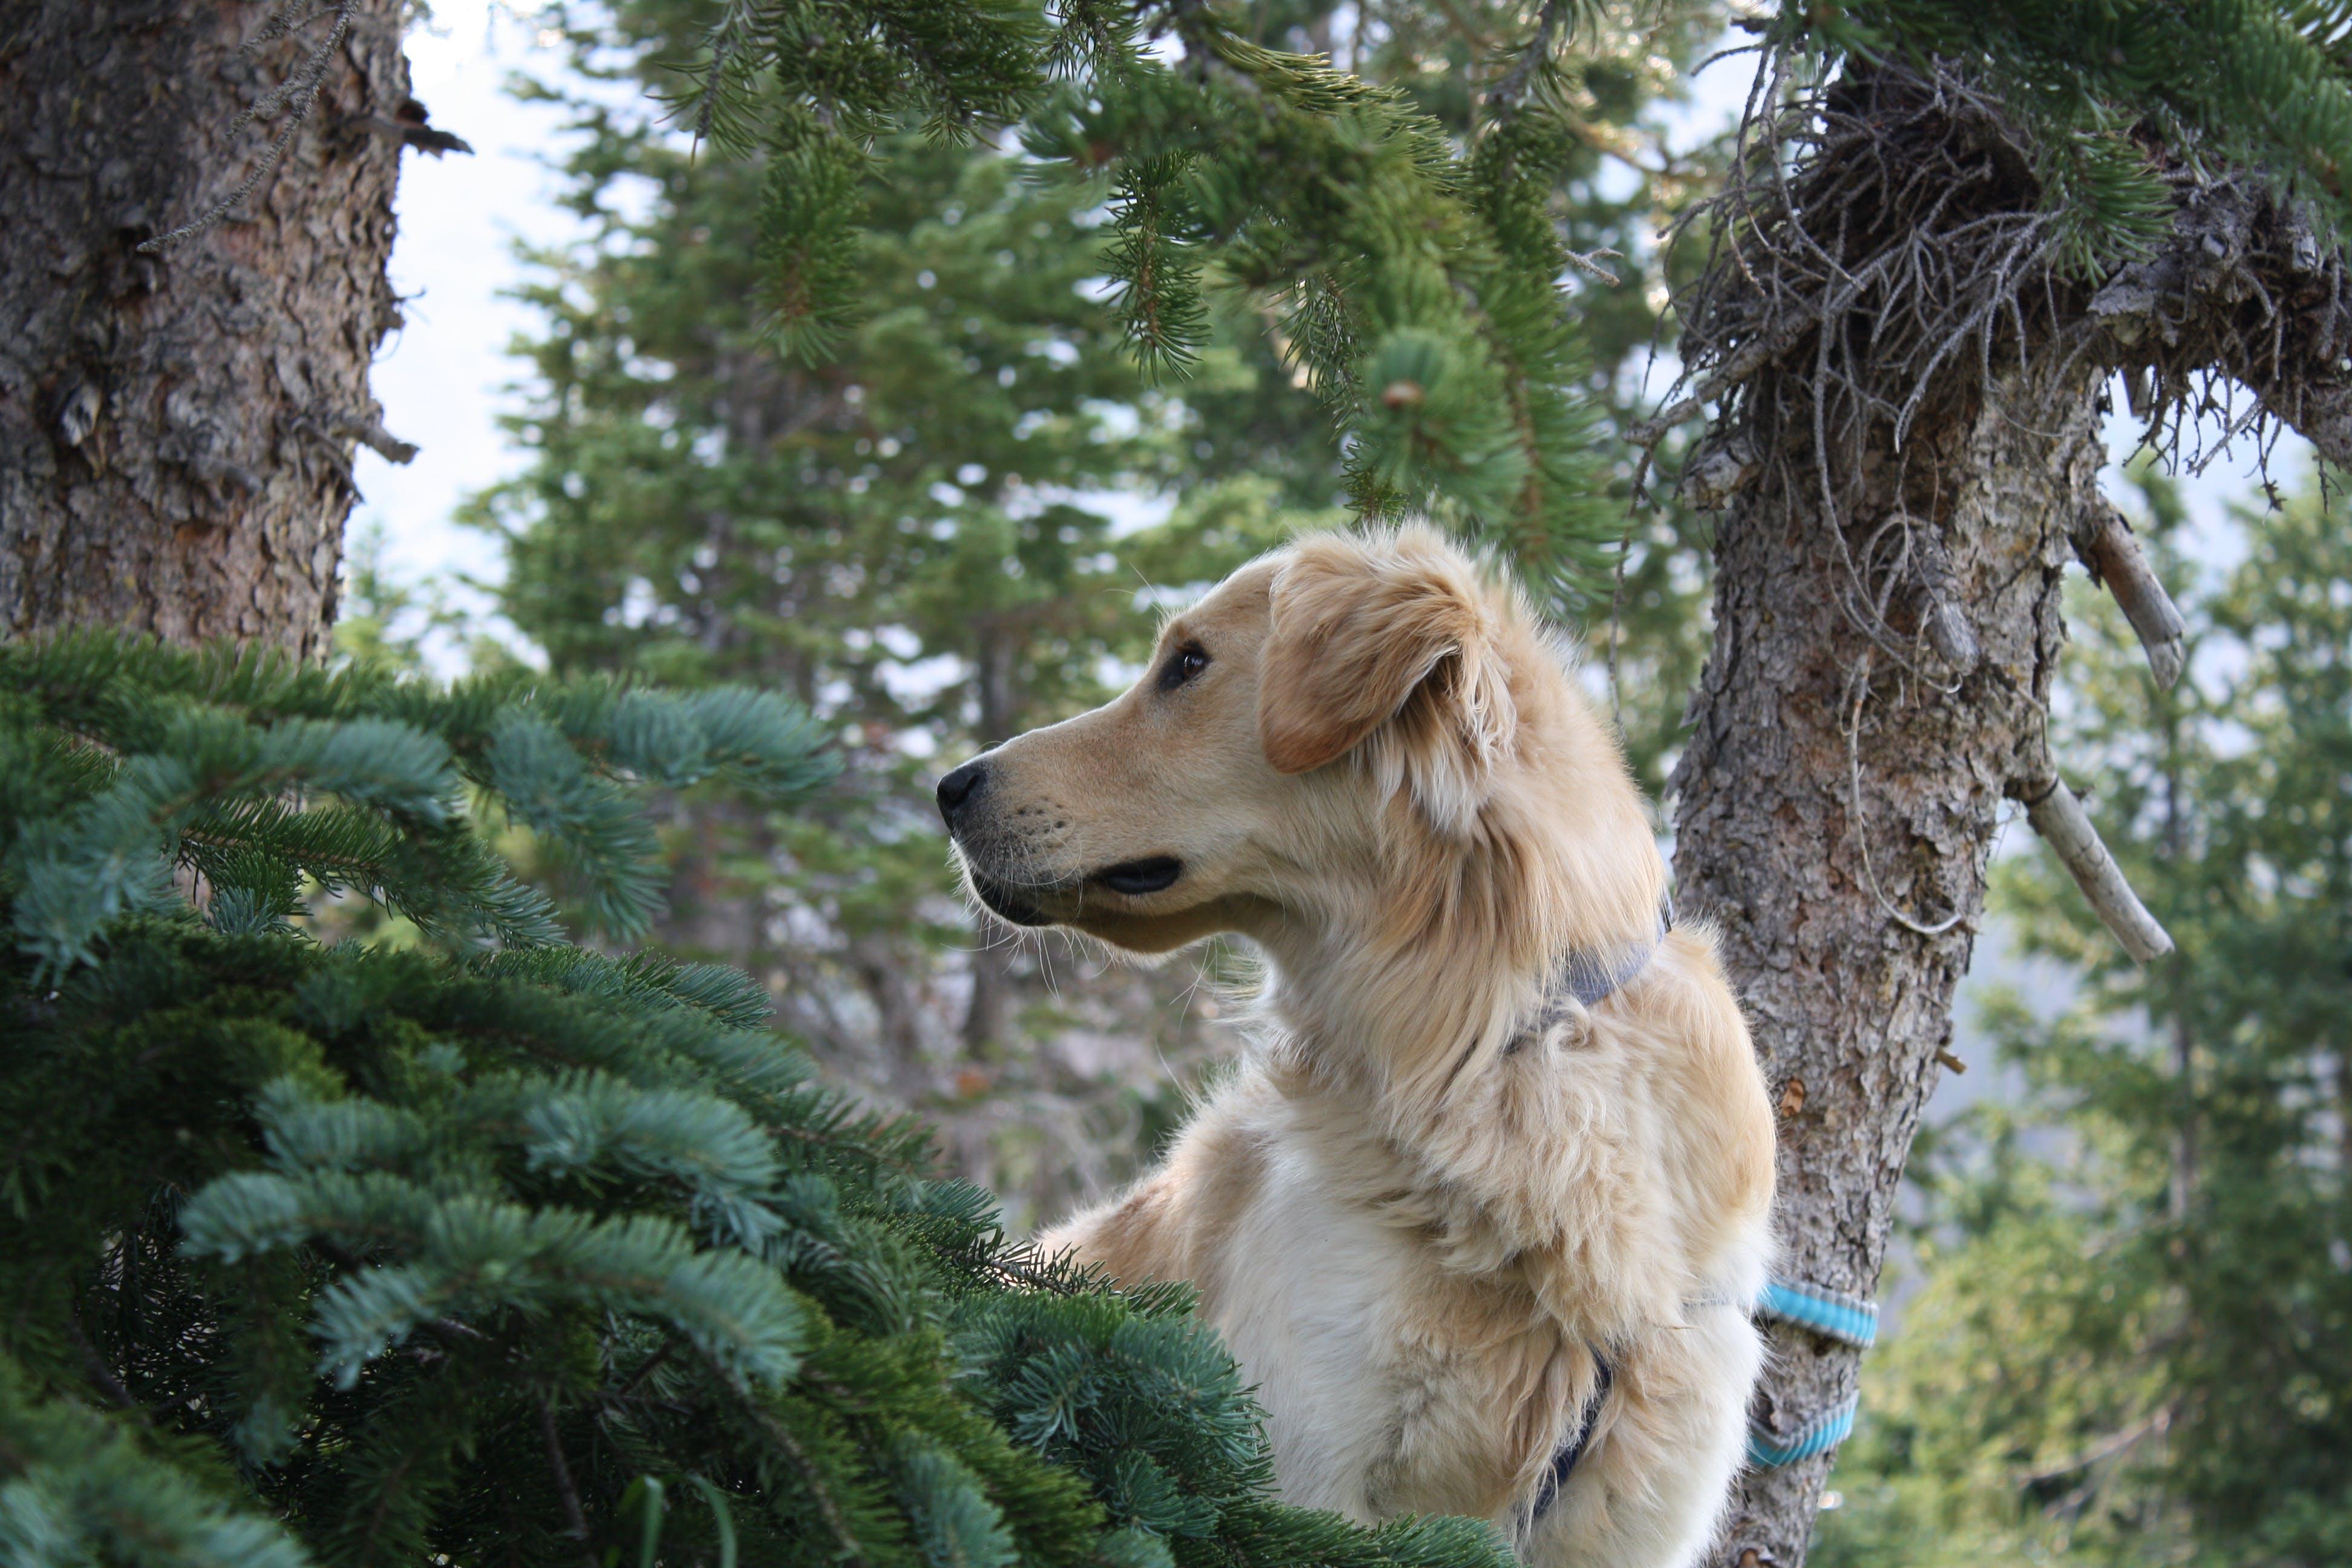 ağaçlar, bakmak, evcil, Evcil Hayvan içeren Ücretsiz stok fotoğraf